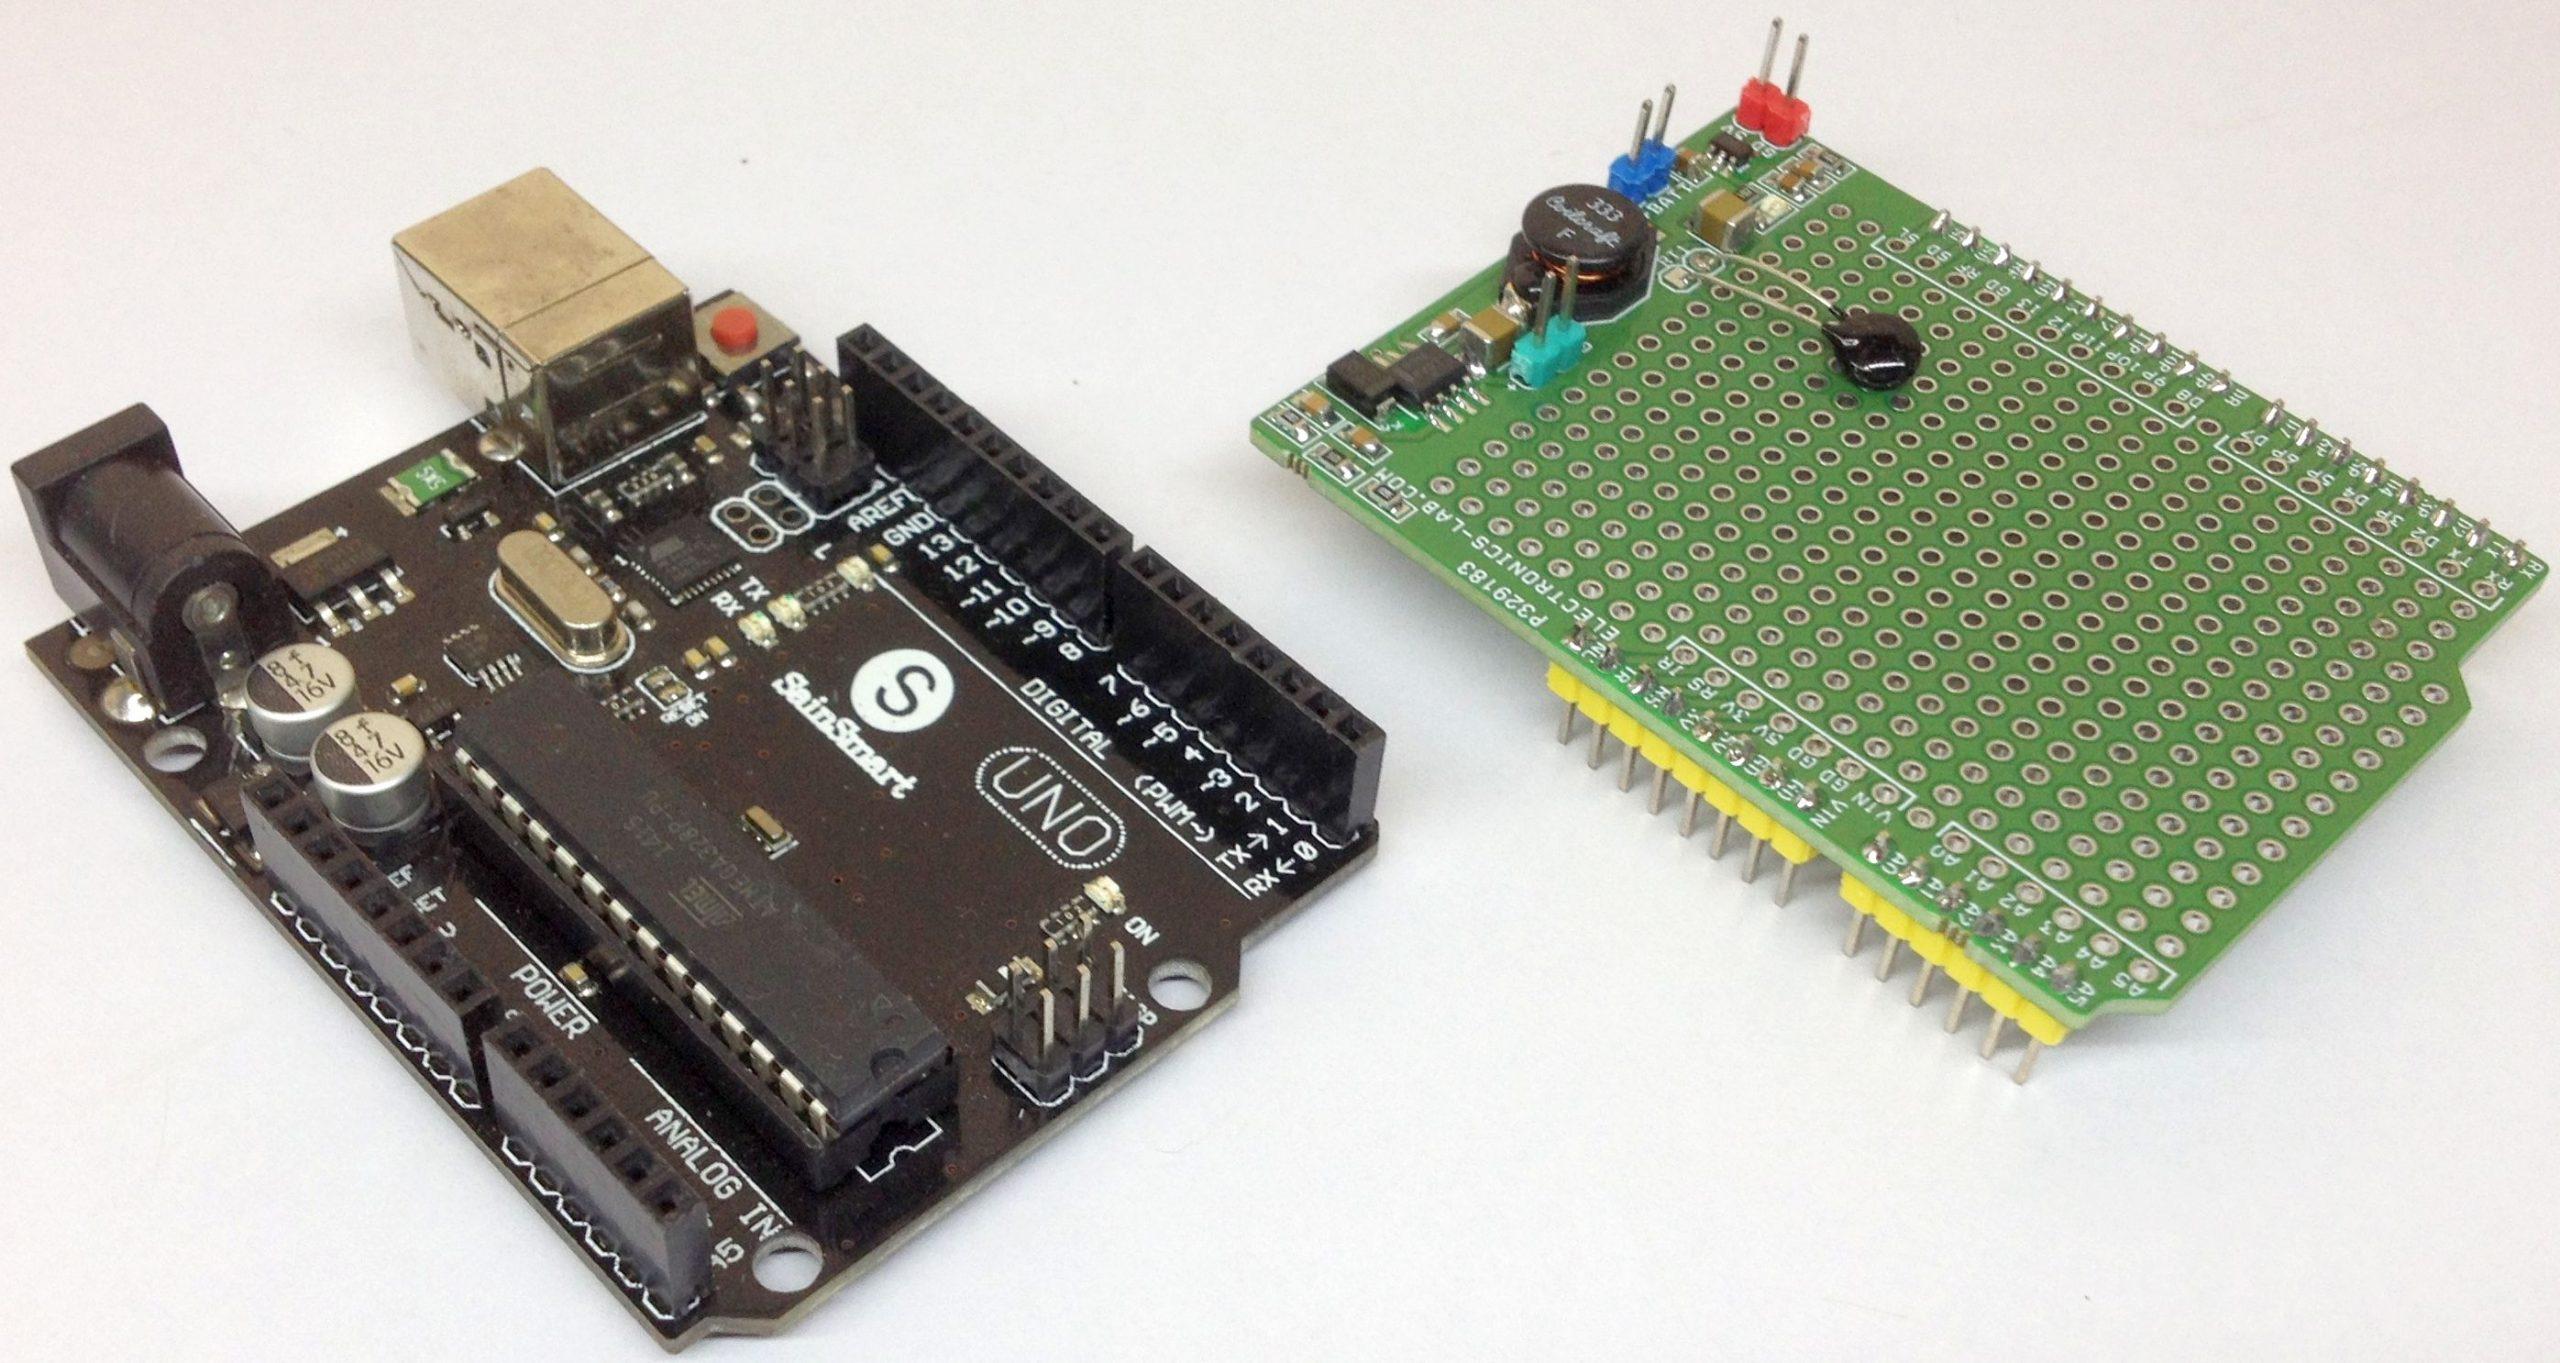 Li-Po/Li-Ion Arduino Charger Shield using BQ21040